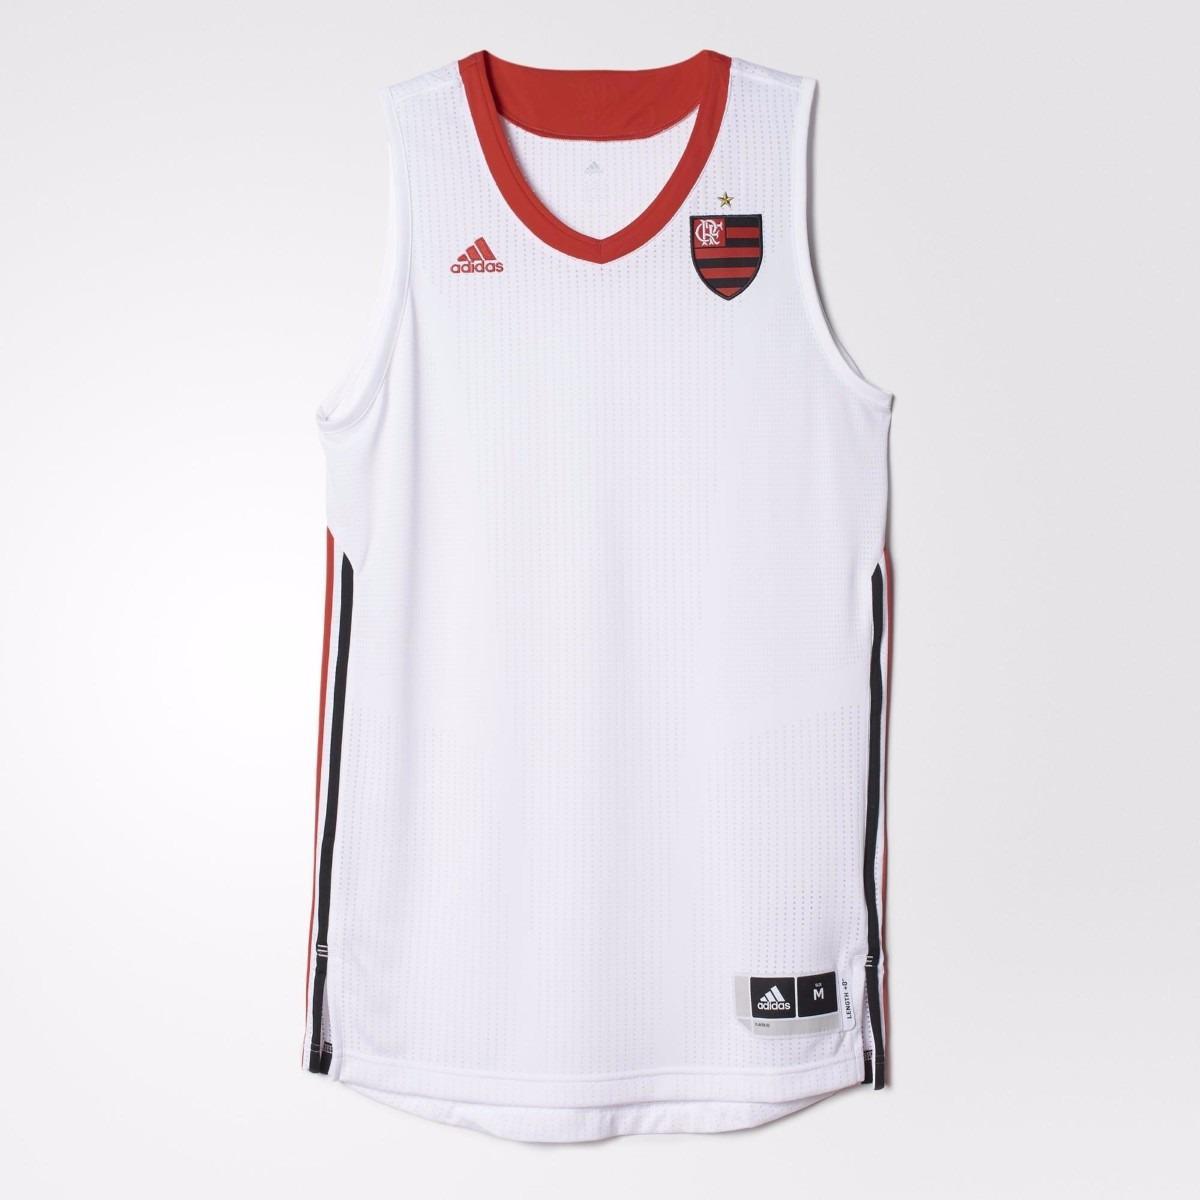 2084d80847 Regata flamengo adidas basquete jogo com microfuros modelo jogador R   148